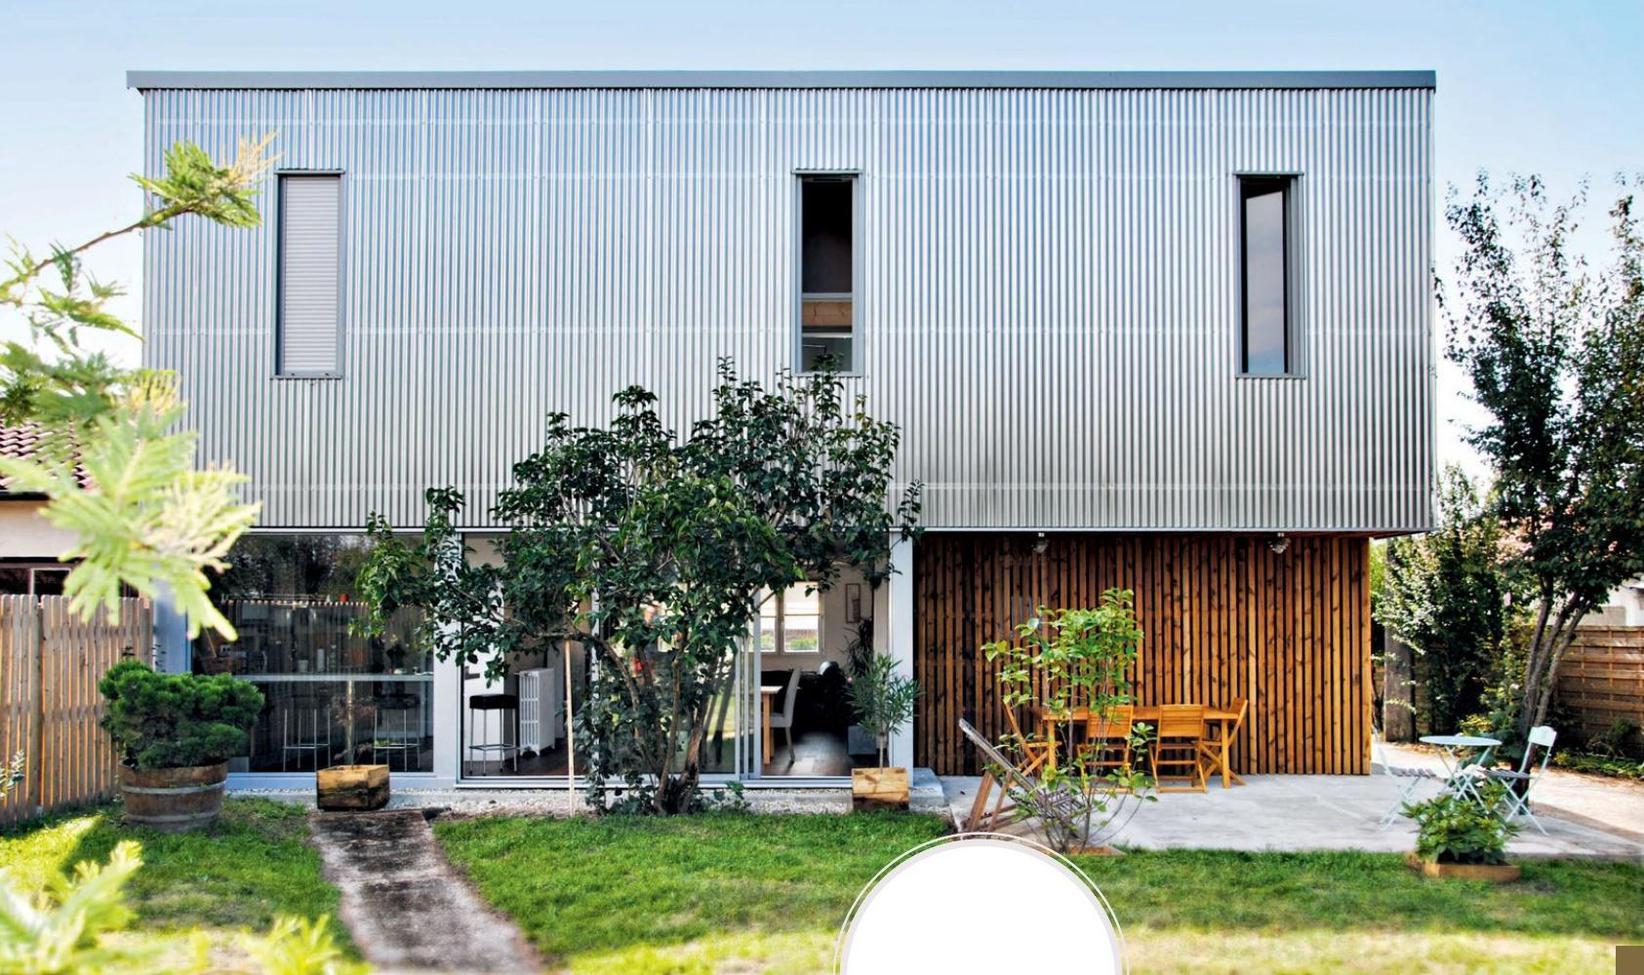 Architecte : Sylvain Guillaume pour l'agence Cornet Guillaume Renouf -cornetguillaume.fr Photos : Cornet Guillaume Renouf.